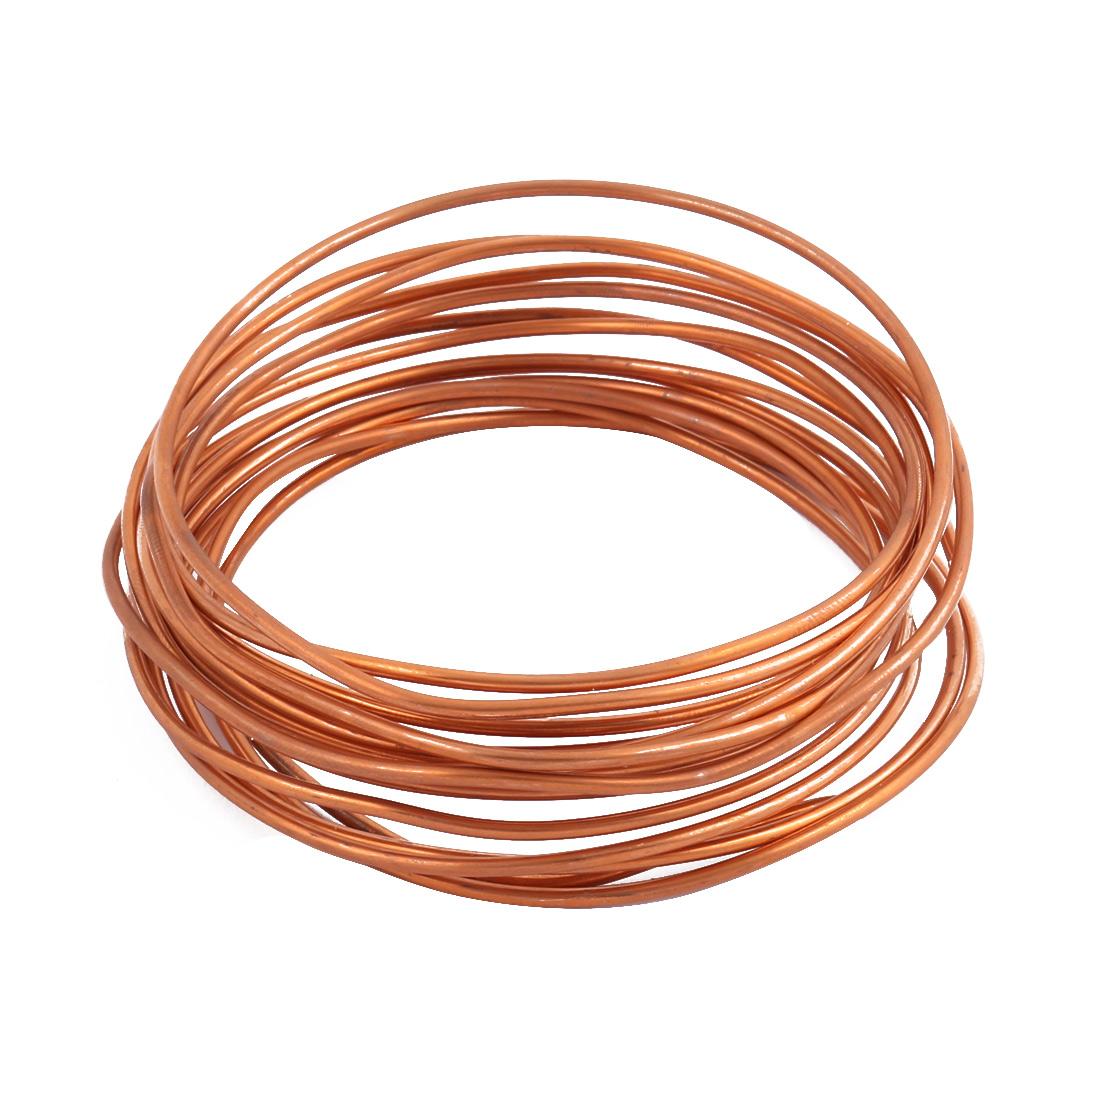 2.0mm Dia 3.4M 11.2Ft Length Copper Tone Refrigerator Refrigeration Tubing Coil